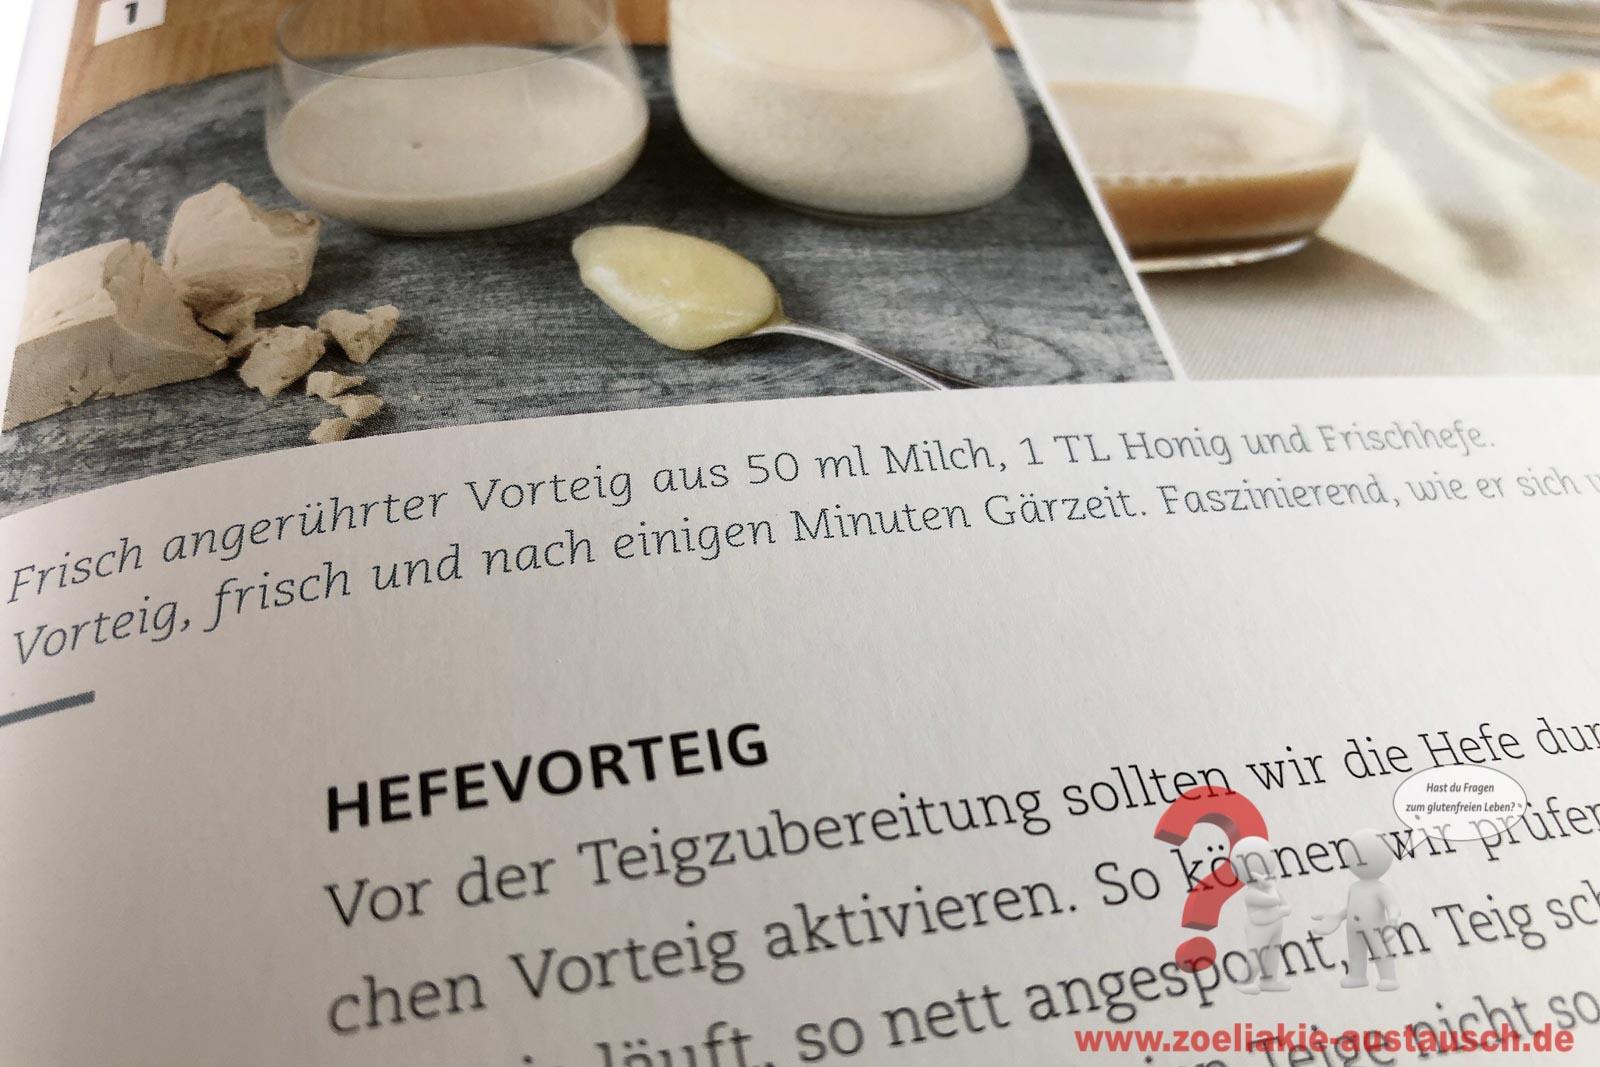 Schulenburg_Brot-Broetchen-und-mehr_Zoeliakie_Austausch_008